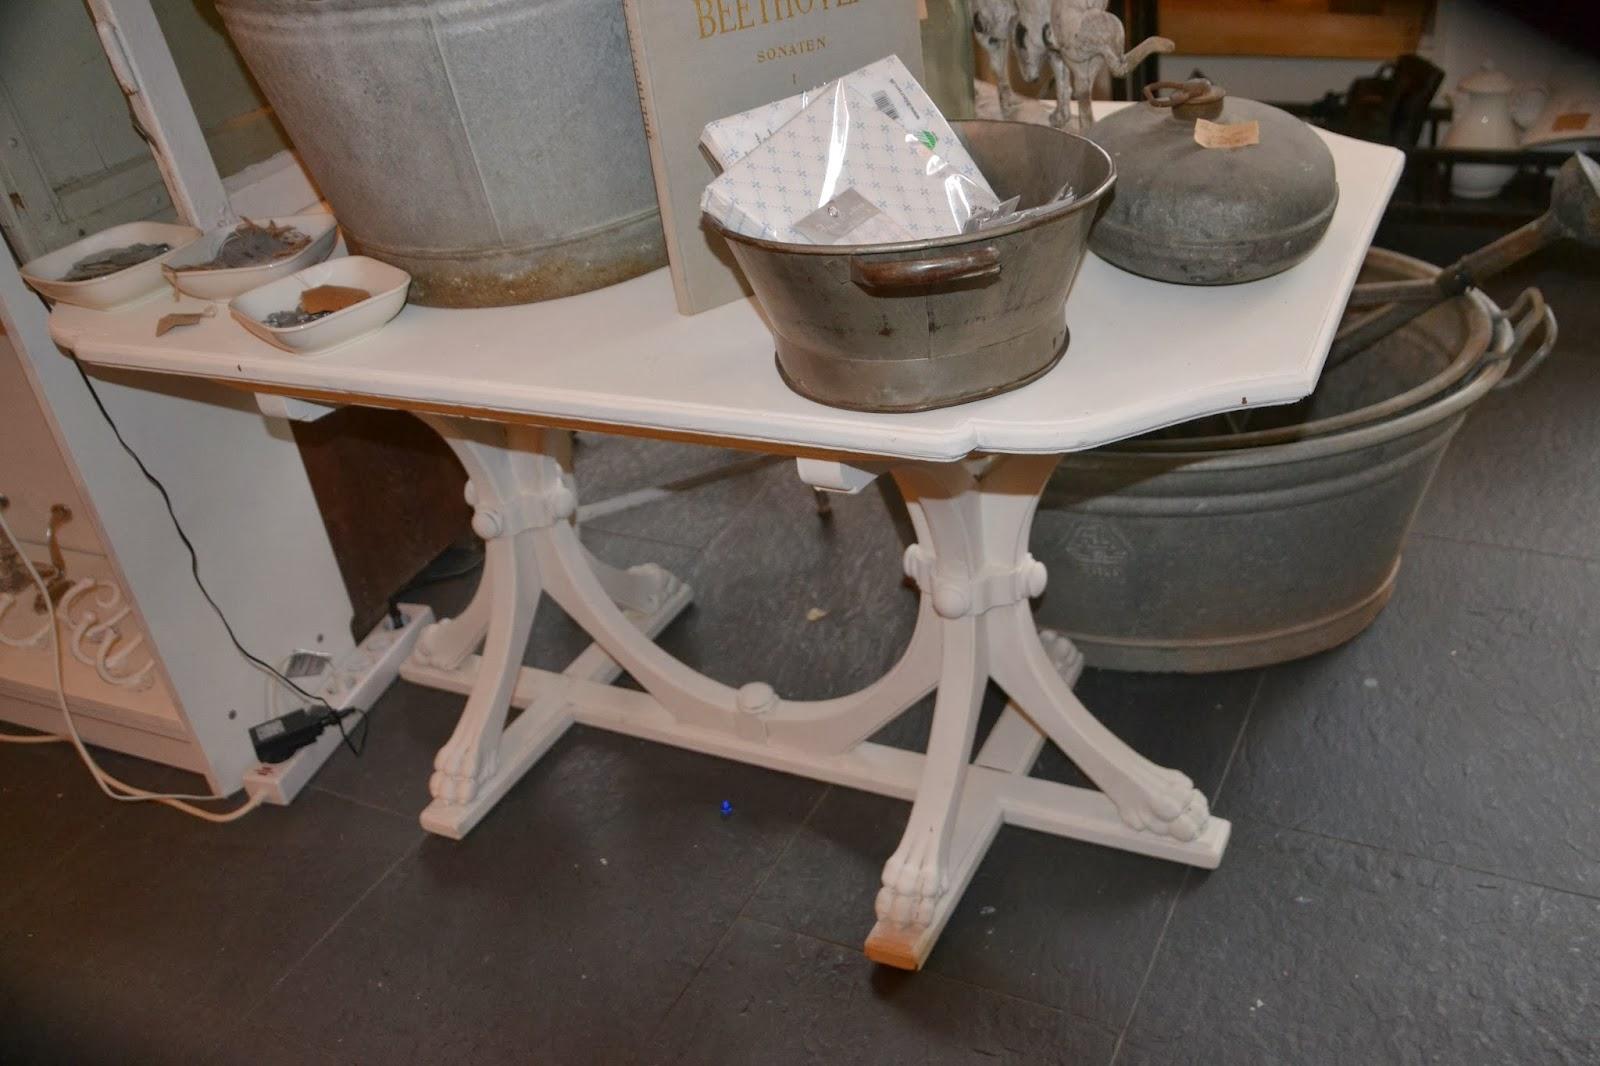 Wohnzimmertisch Weis : Möbel im shabby chic, gestrichen mit matt ...